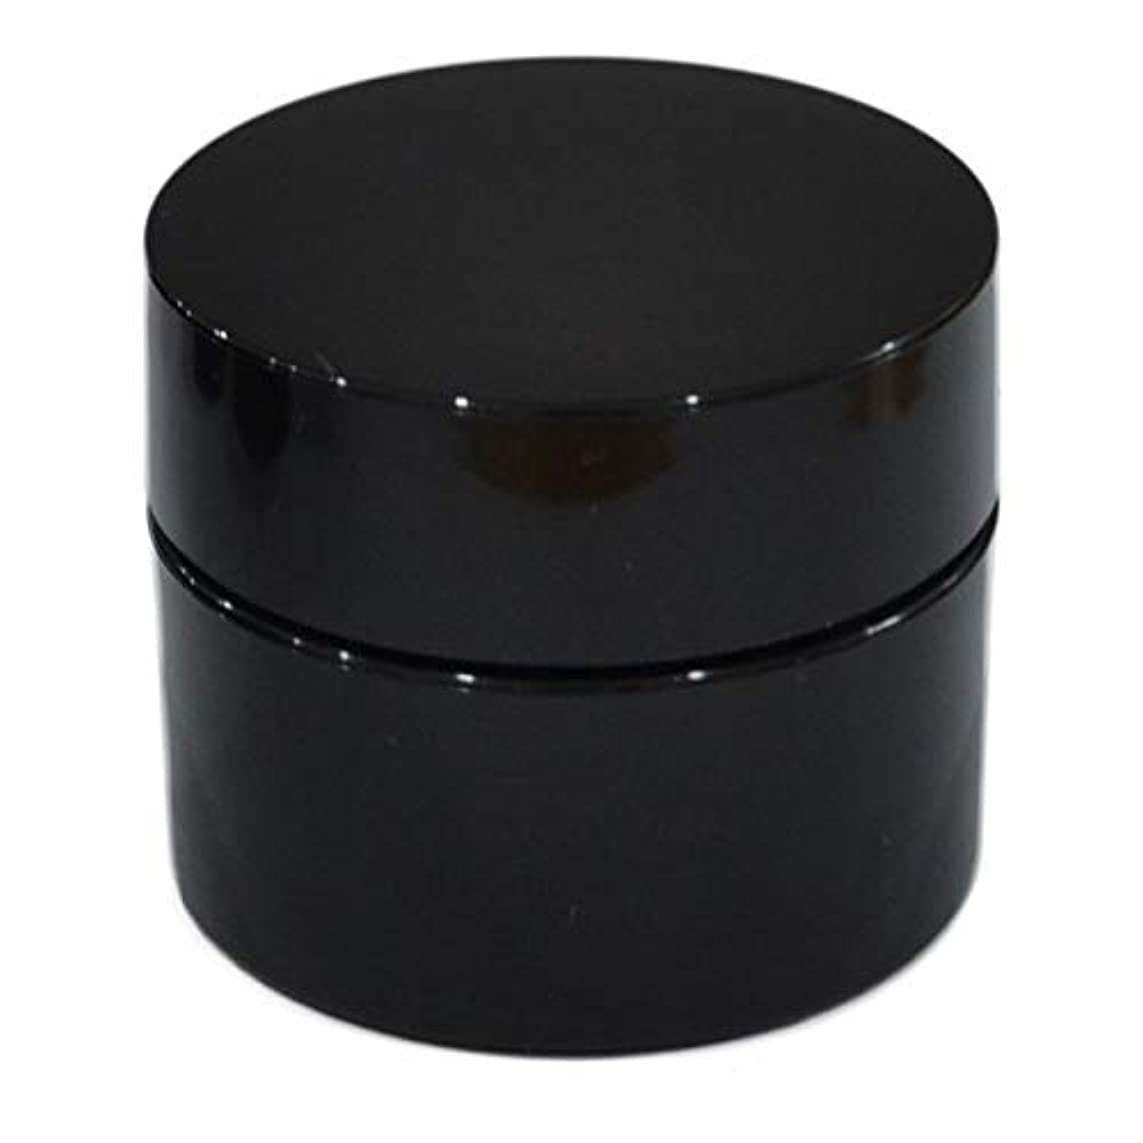 とげのある洋服単に純国産ネイルジェル用コンテナ 10g用GA10g 漏れ防止パッキン&ブラシプレート付容器 ジェルを無駄なく使える底面傾斜あり 遮光 黒 ブラック